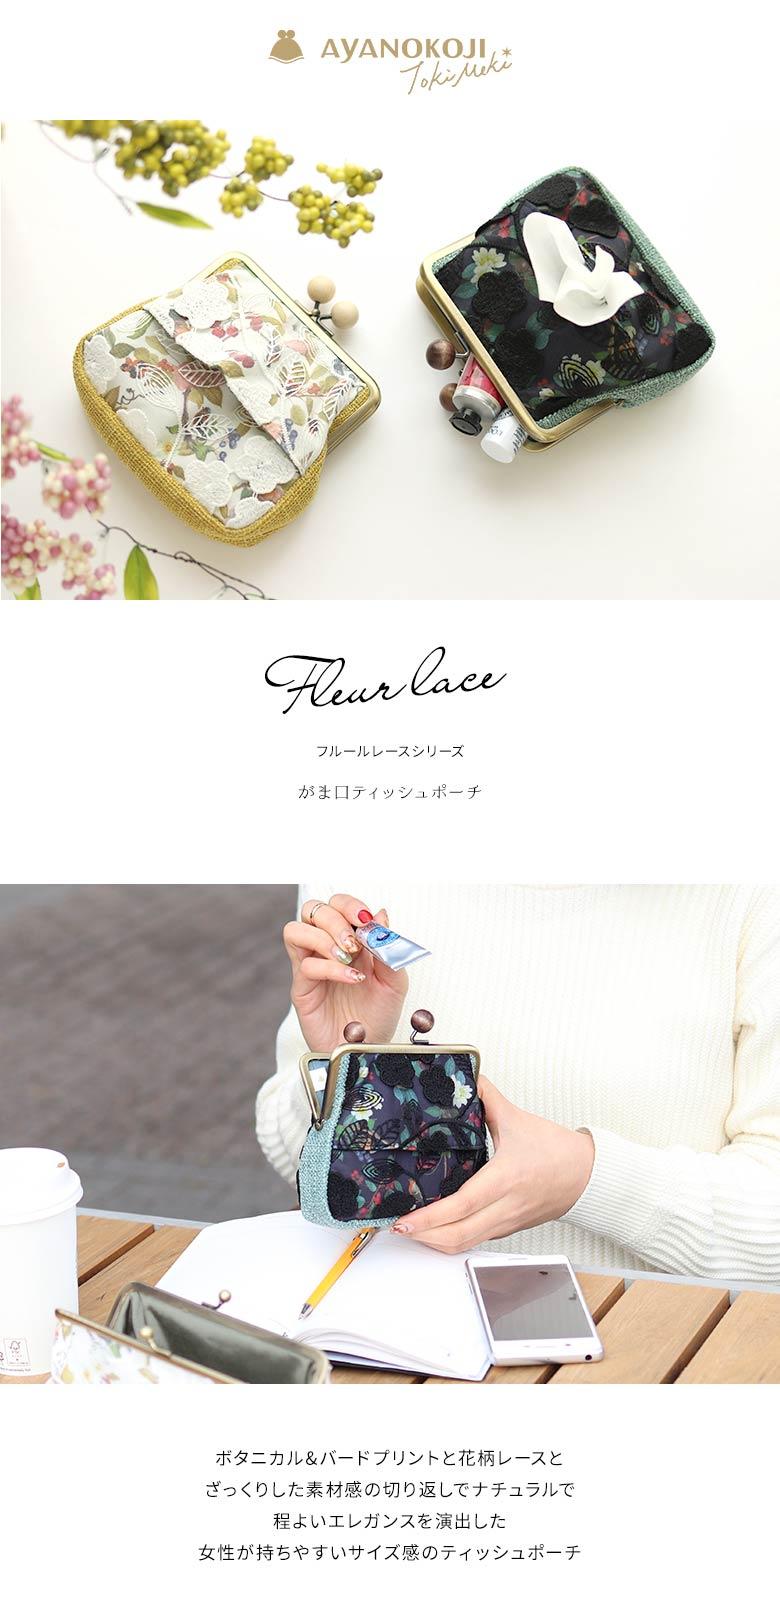 AYANOKOJI TokiMeki フルールレースシリーズ がま口ティッシュポーチ メインイメージ ボタニカル&バードプリントと花柄レースとざっくりした素材感の切り返しでナチュラルで程よいエレガンスを演出した女性が持ちやすいサイズ感のティッシュポーチ